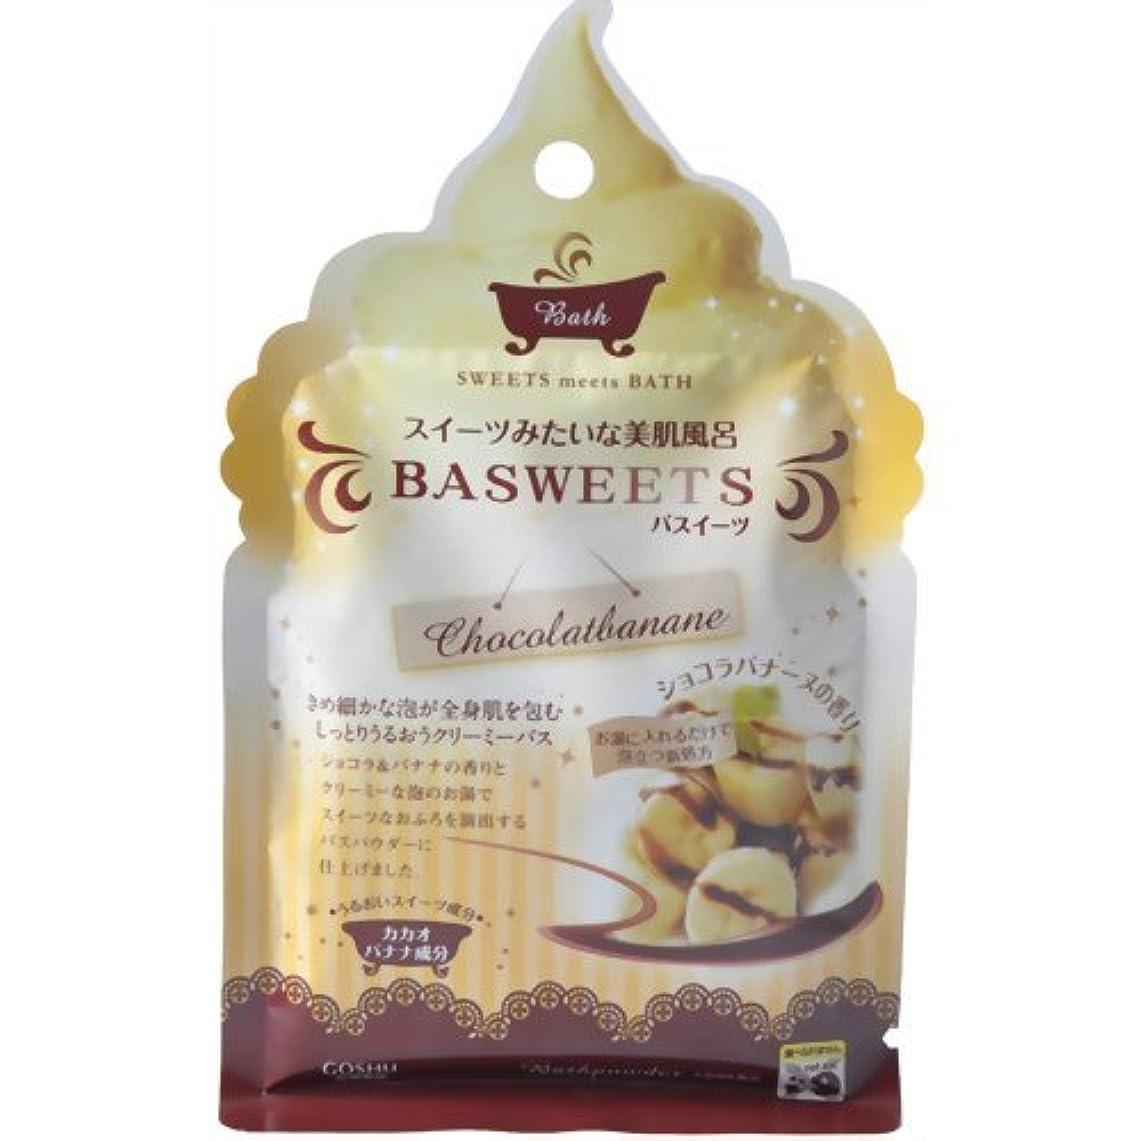 ジャンピングジャック密度としてバスイーツ ショコラバナーヌの香り 50g(入浴剤)